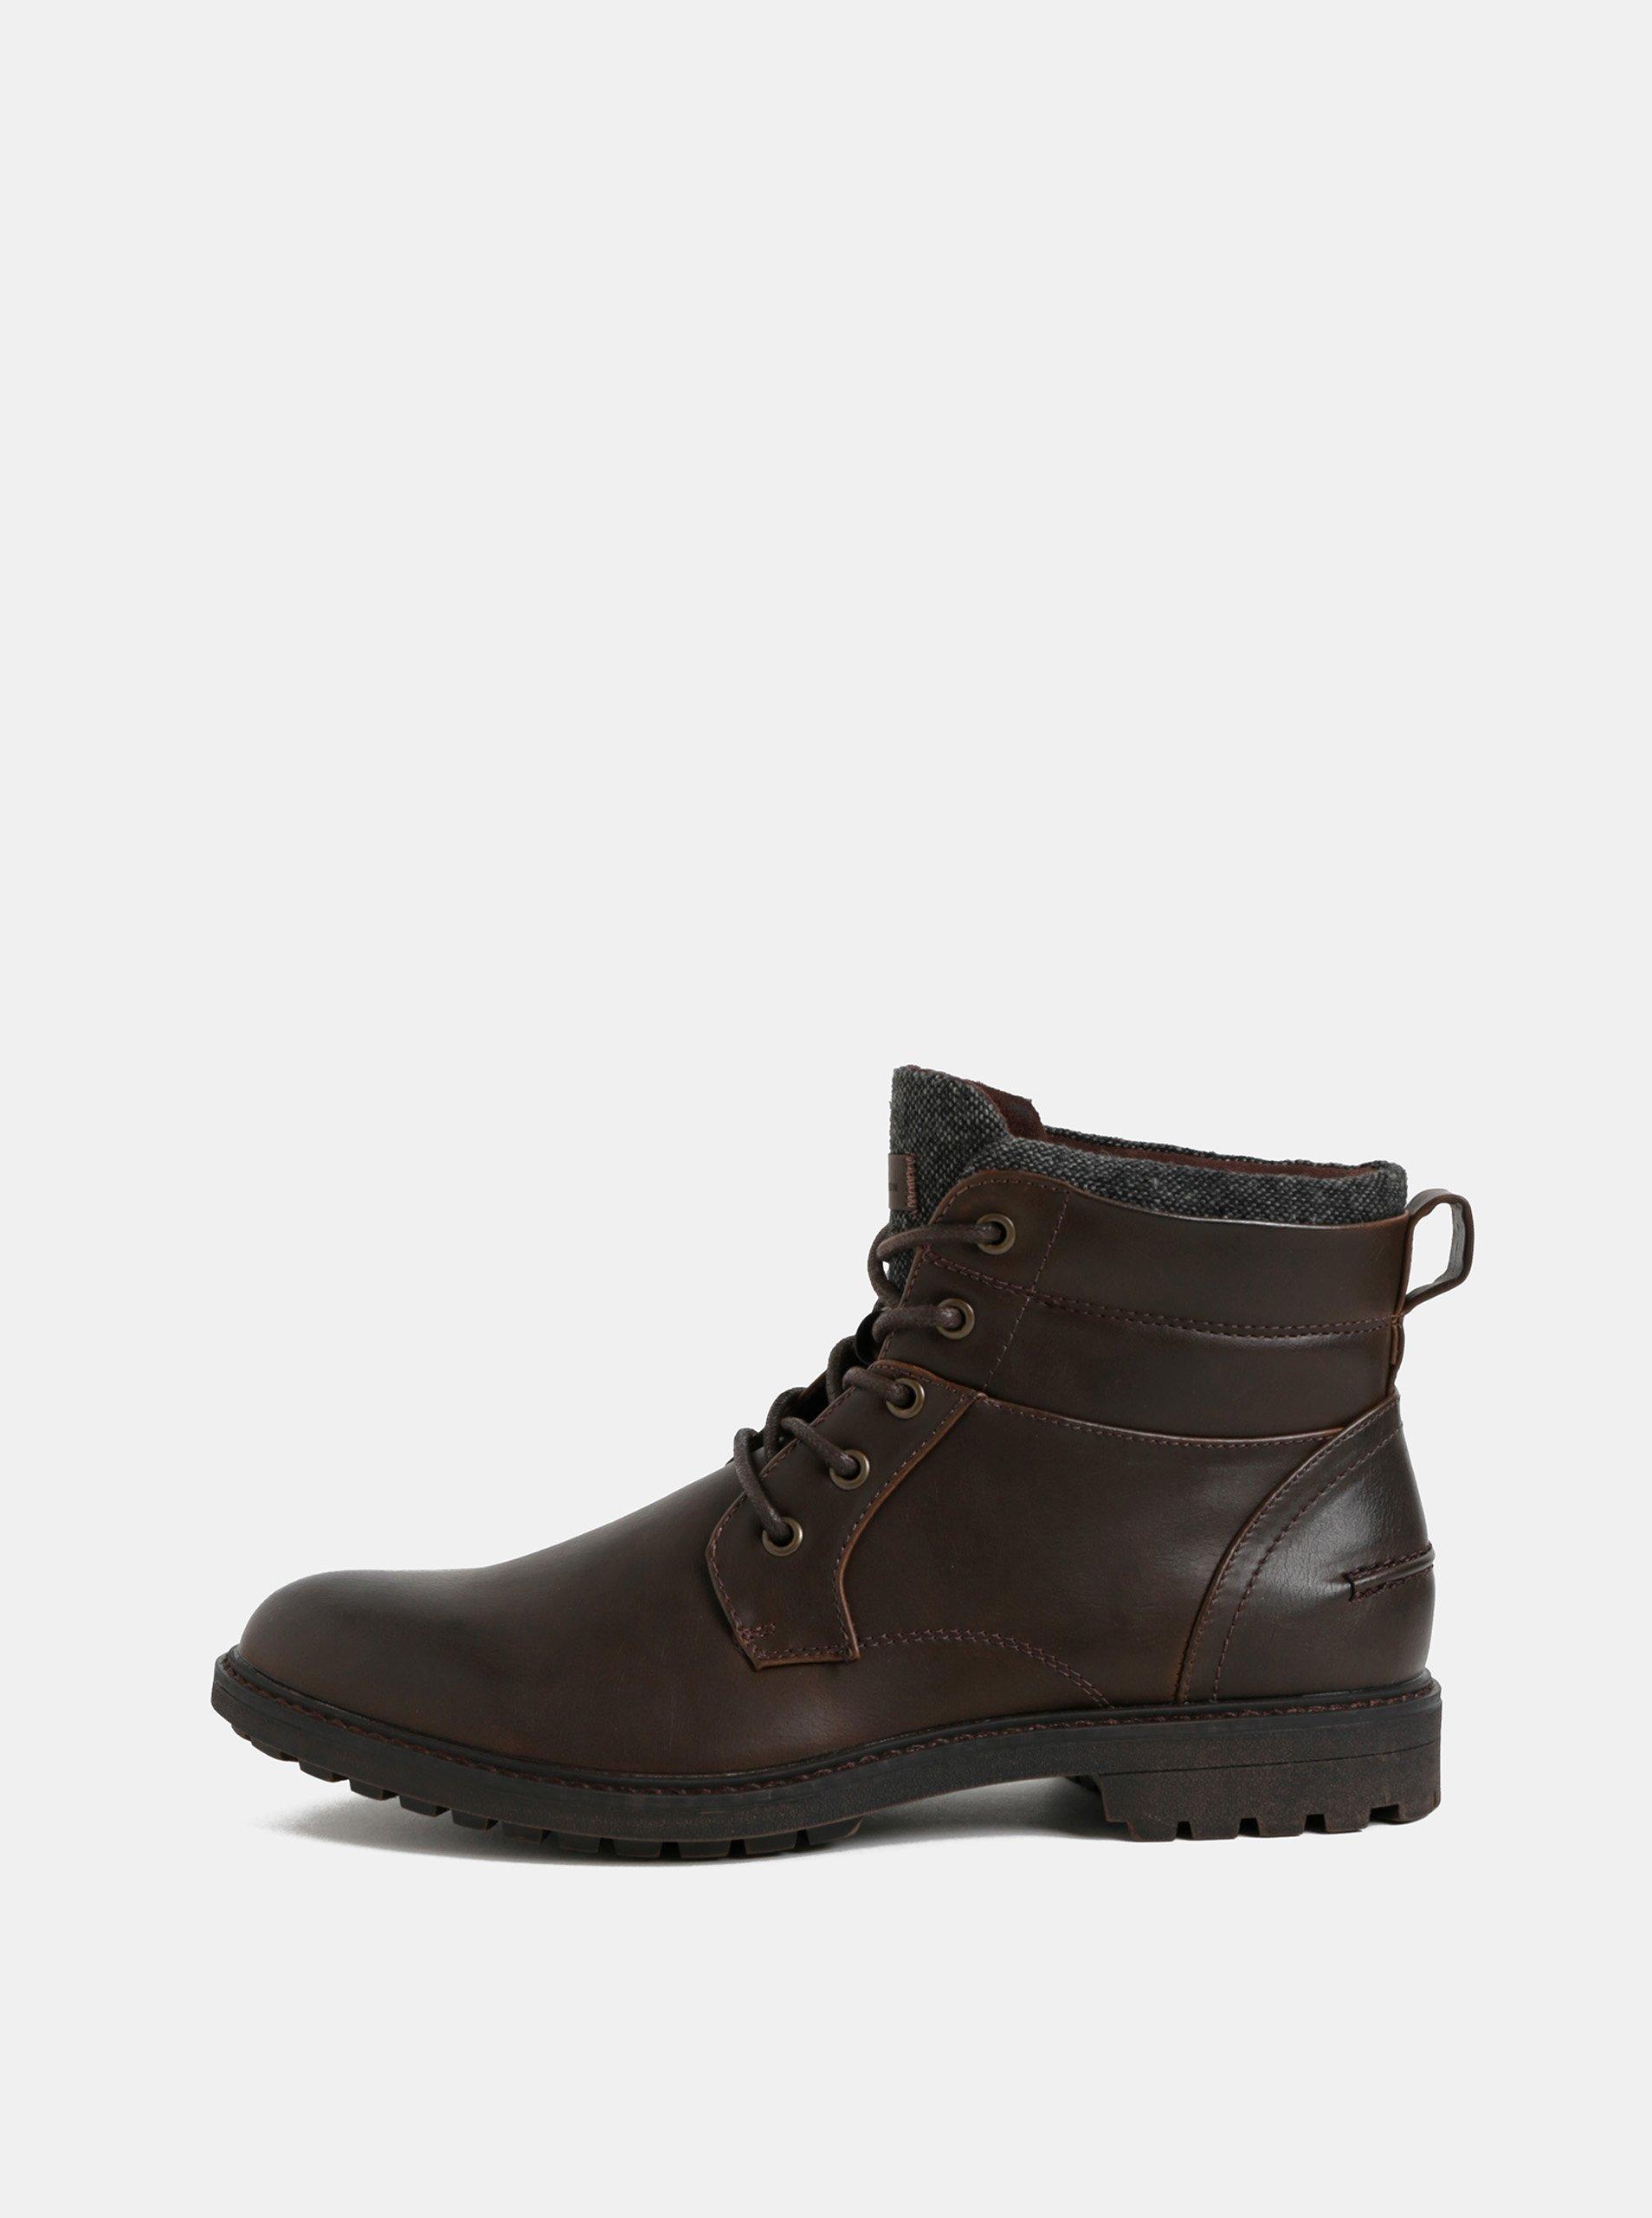 c13777c1f39d3 Tmavě hnědé pánské kotníkové boty Burton Menswear London Macbeth